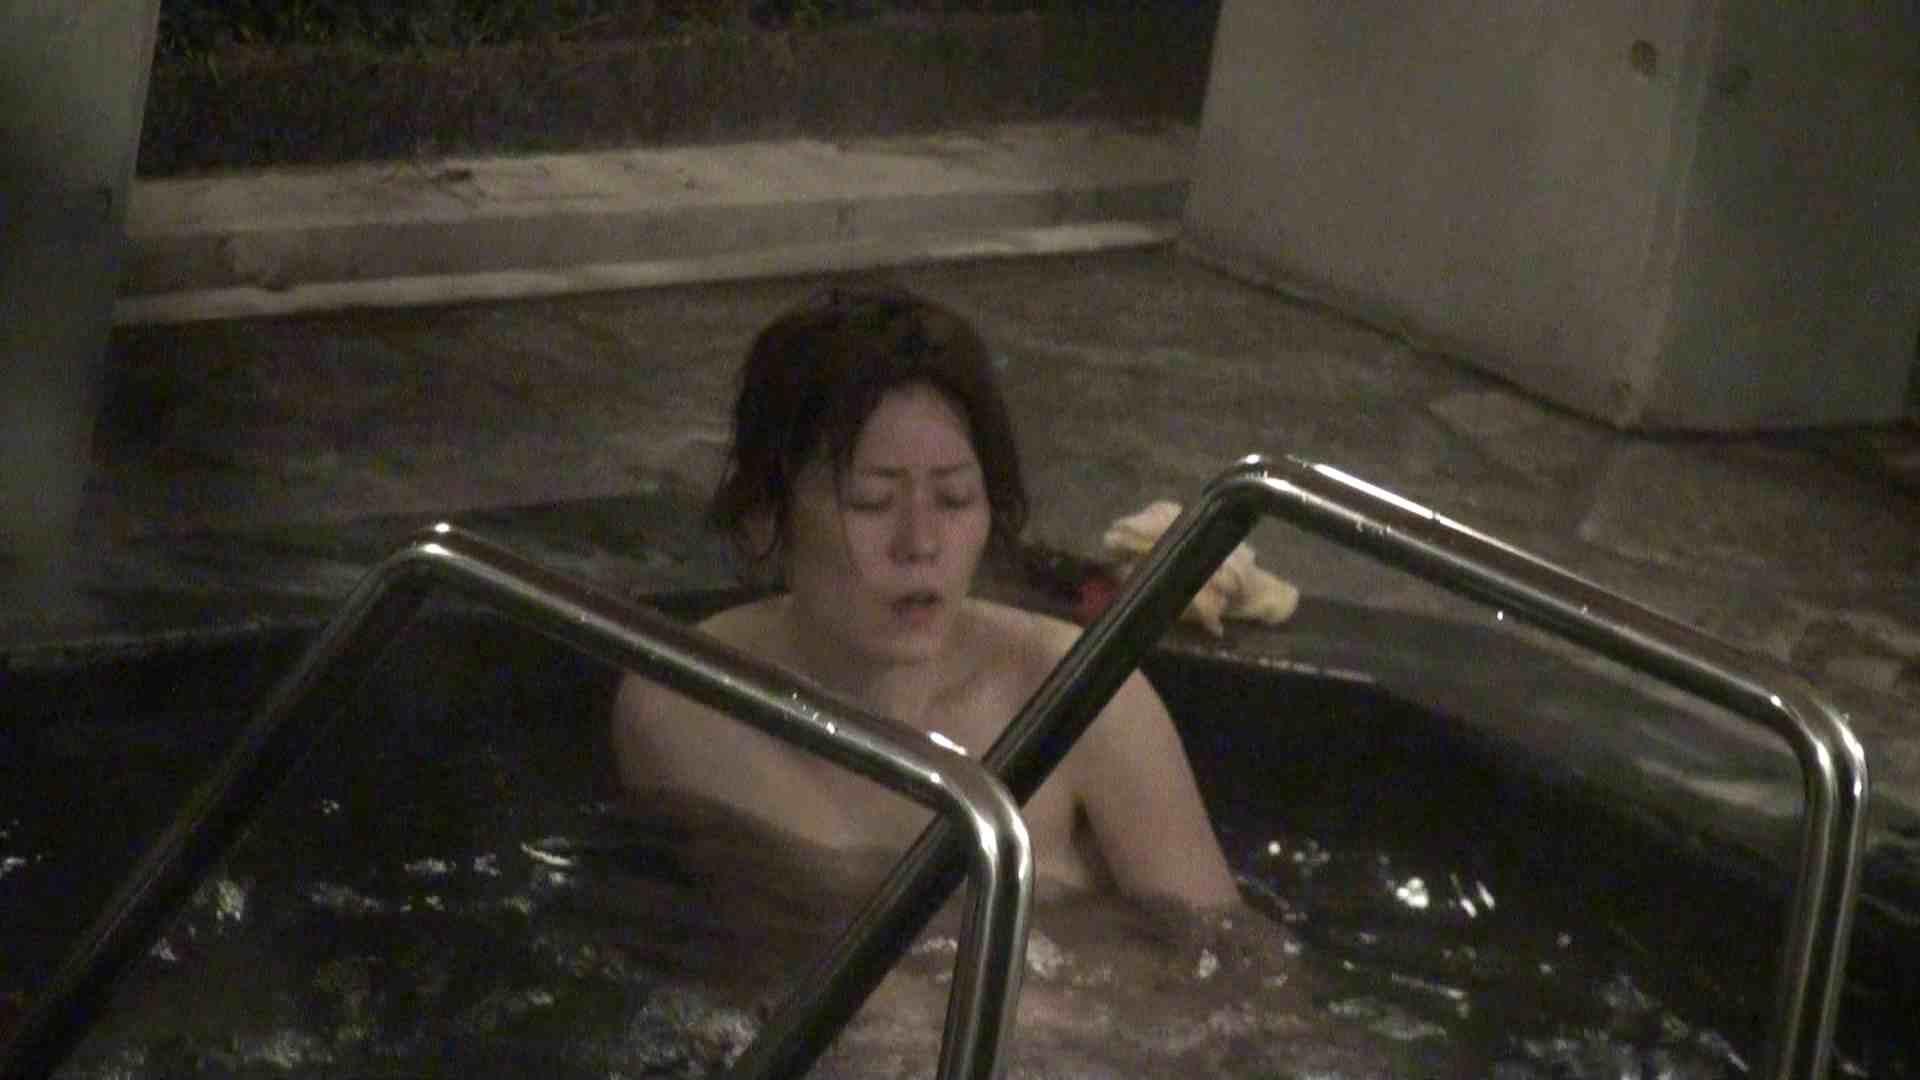 Aquaな露天風呂Vol.433 盗撮 えろ無修正画像 99画像 89